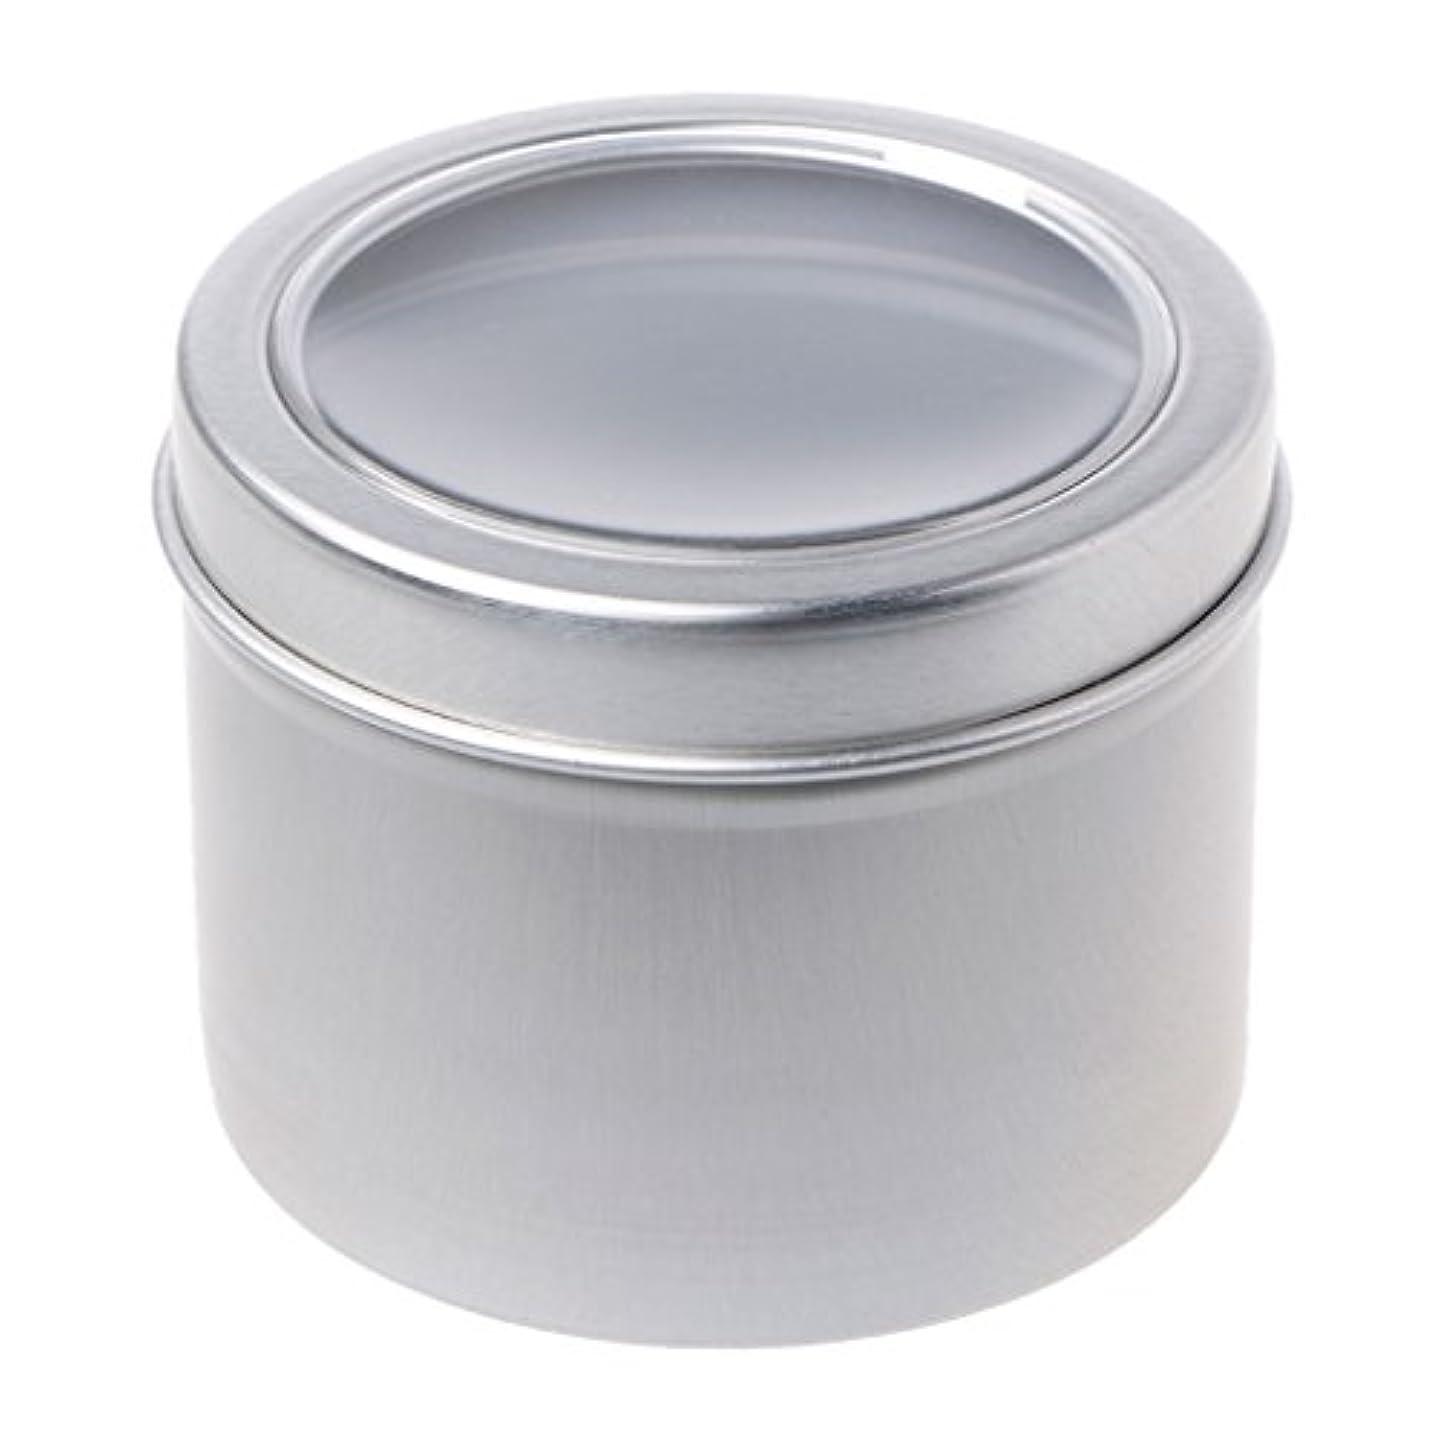 中に最小コメントSimpleLife 60mlラウンドスティンケースコンテナ、蓋が空のクリアウィンドウスイング、蓋付き、スモールガジェット、DIYリップバーム - スパイスケース、アルミ容器ボックス/ミニポケットサイズの缶